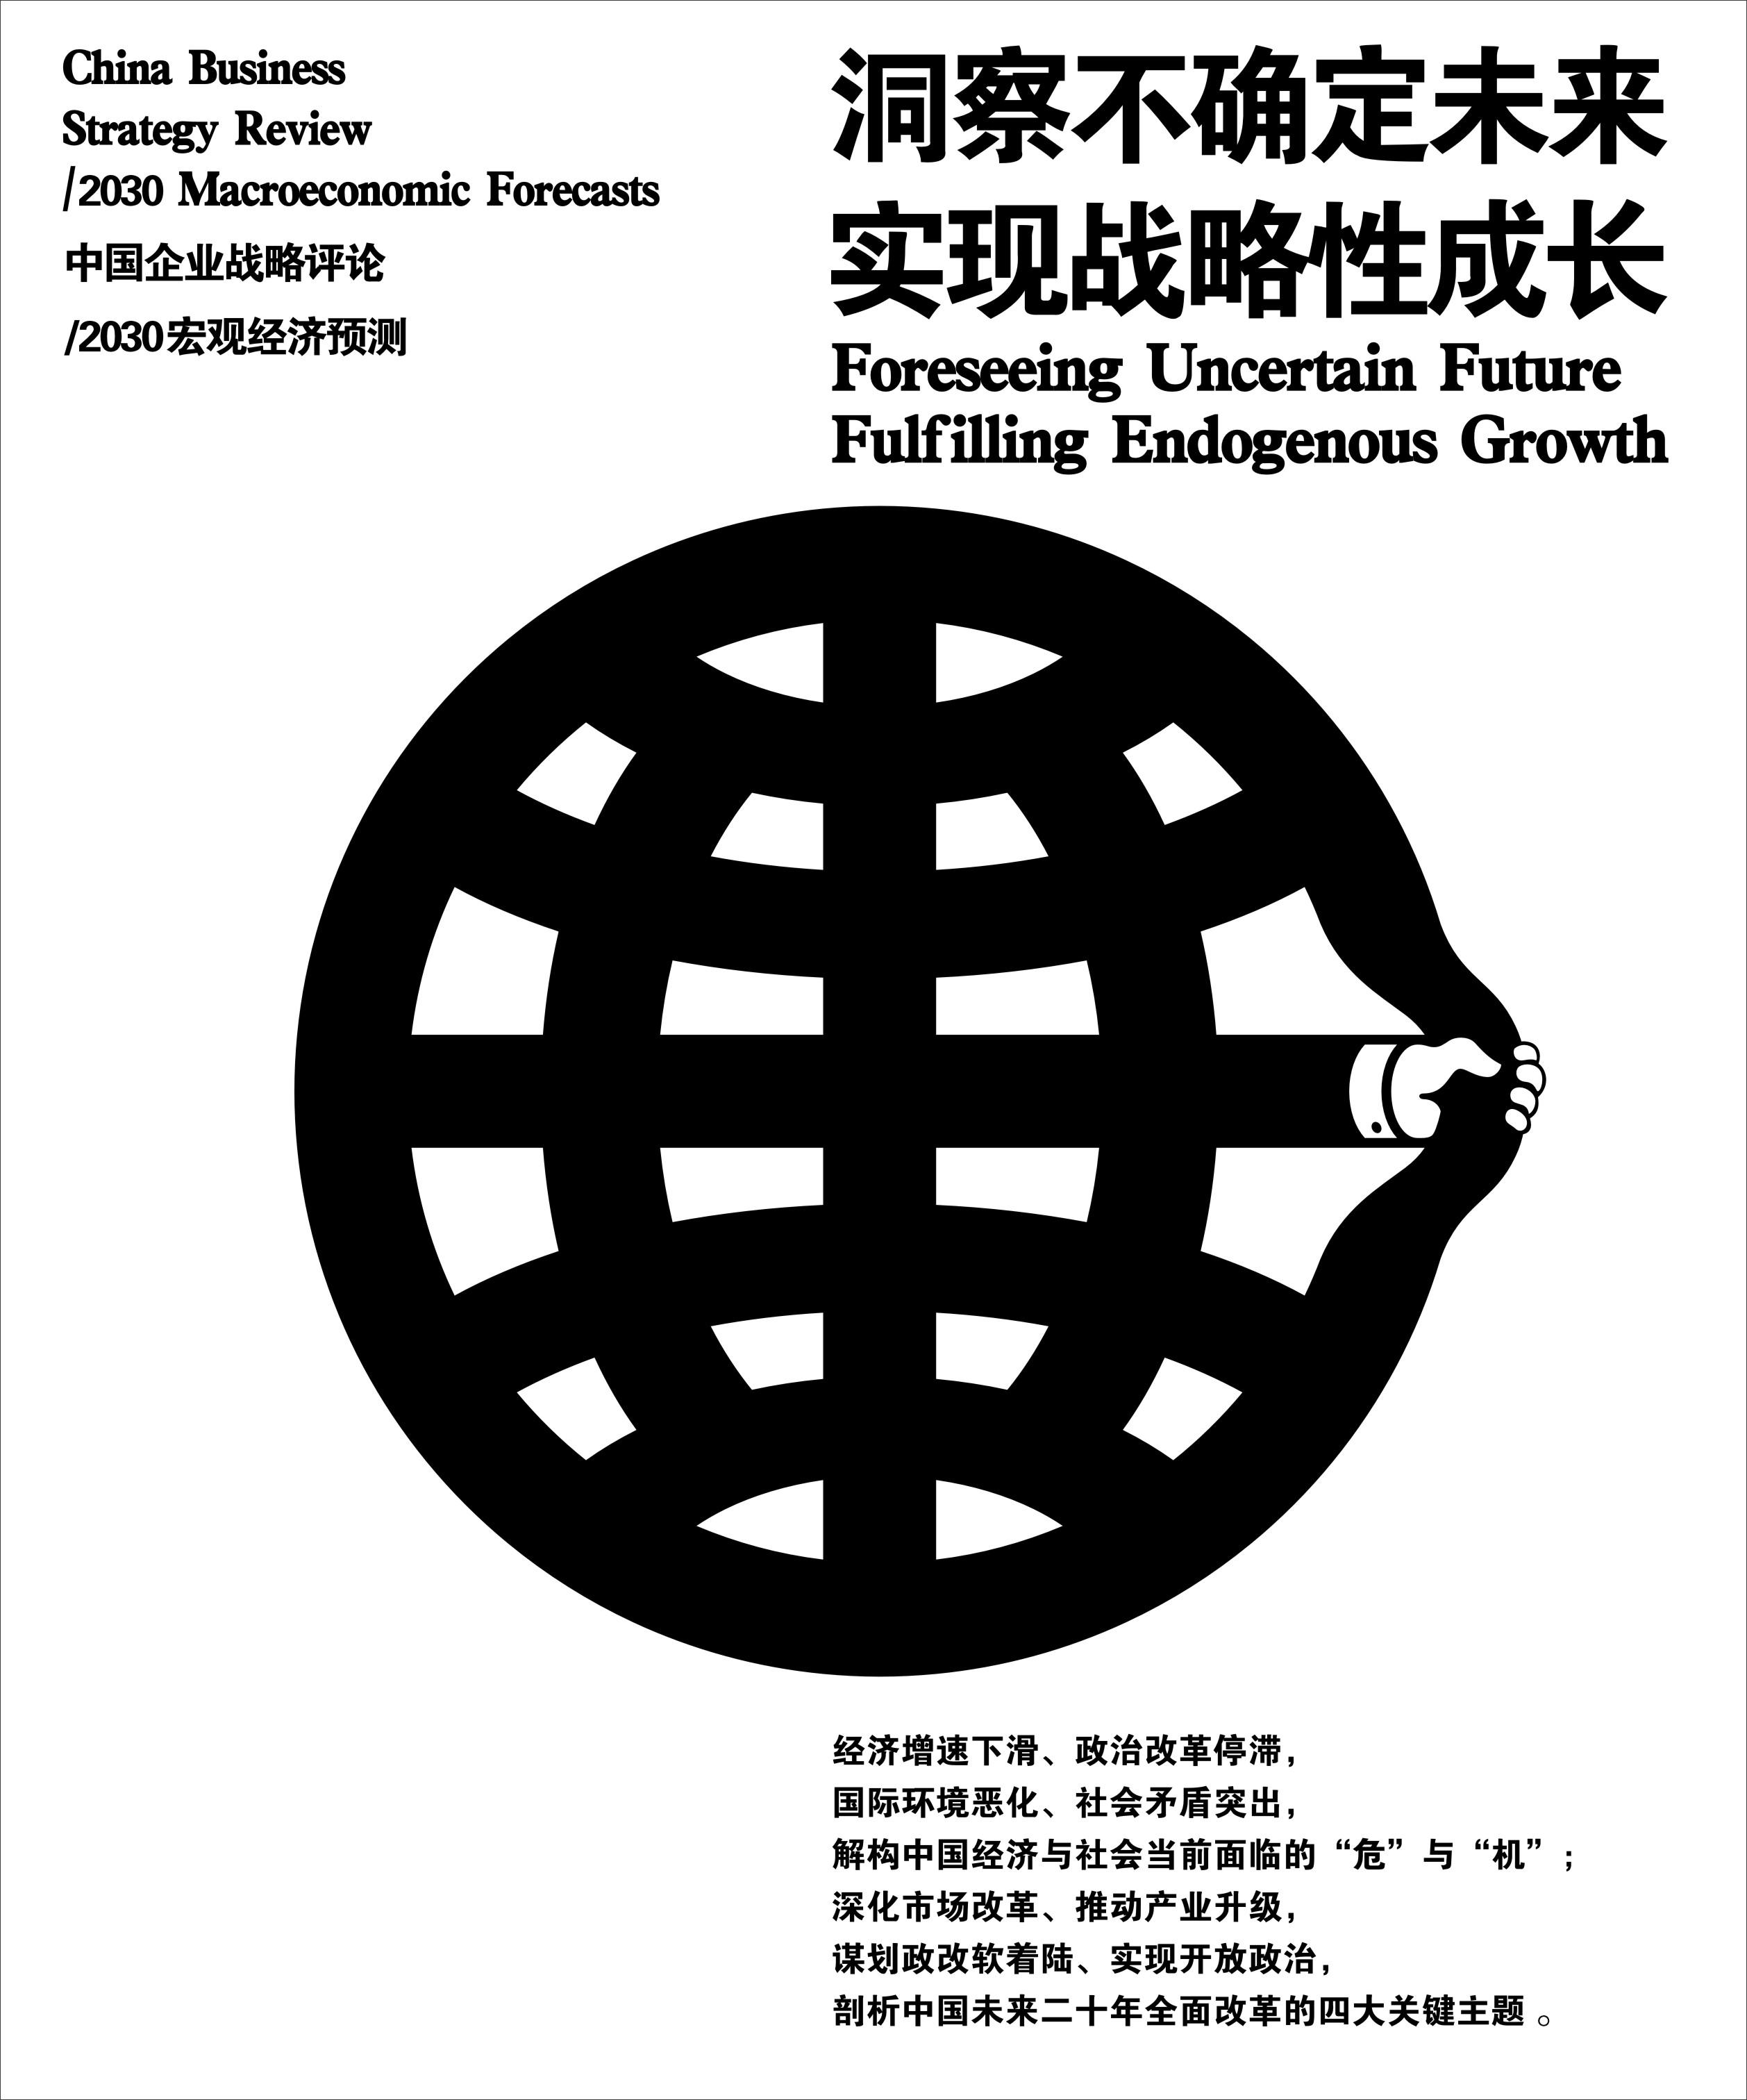 中国企业战略评论/2030宏观经济